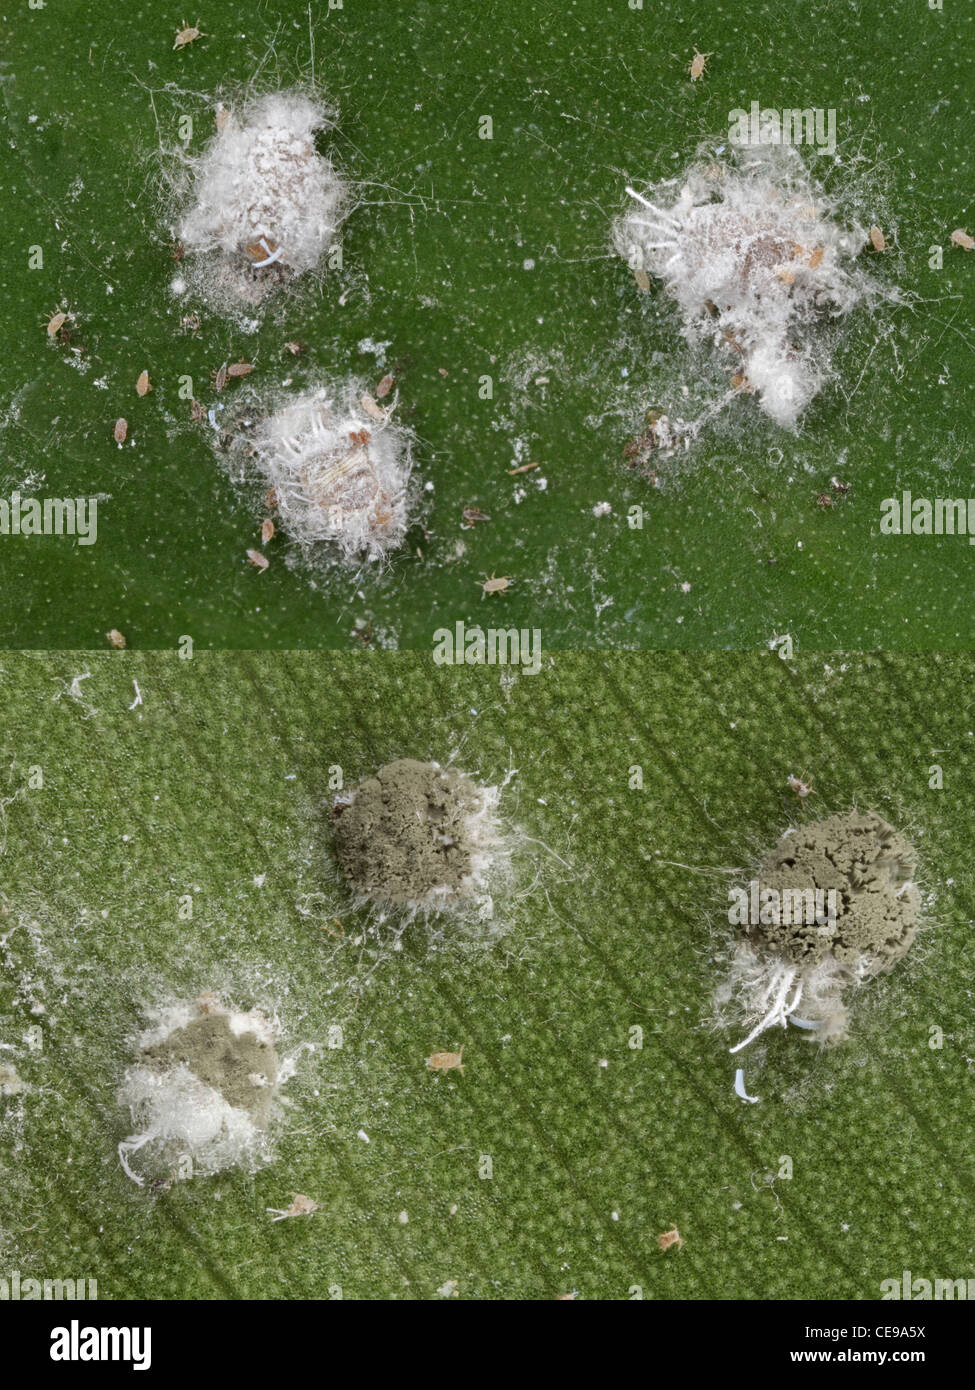 Healthy mealybugs (Pseudococcus longispinus) above, and mealybugs killed by a pathogenic fungus (Metarhizium anisopliae) - Stock Image